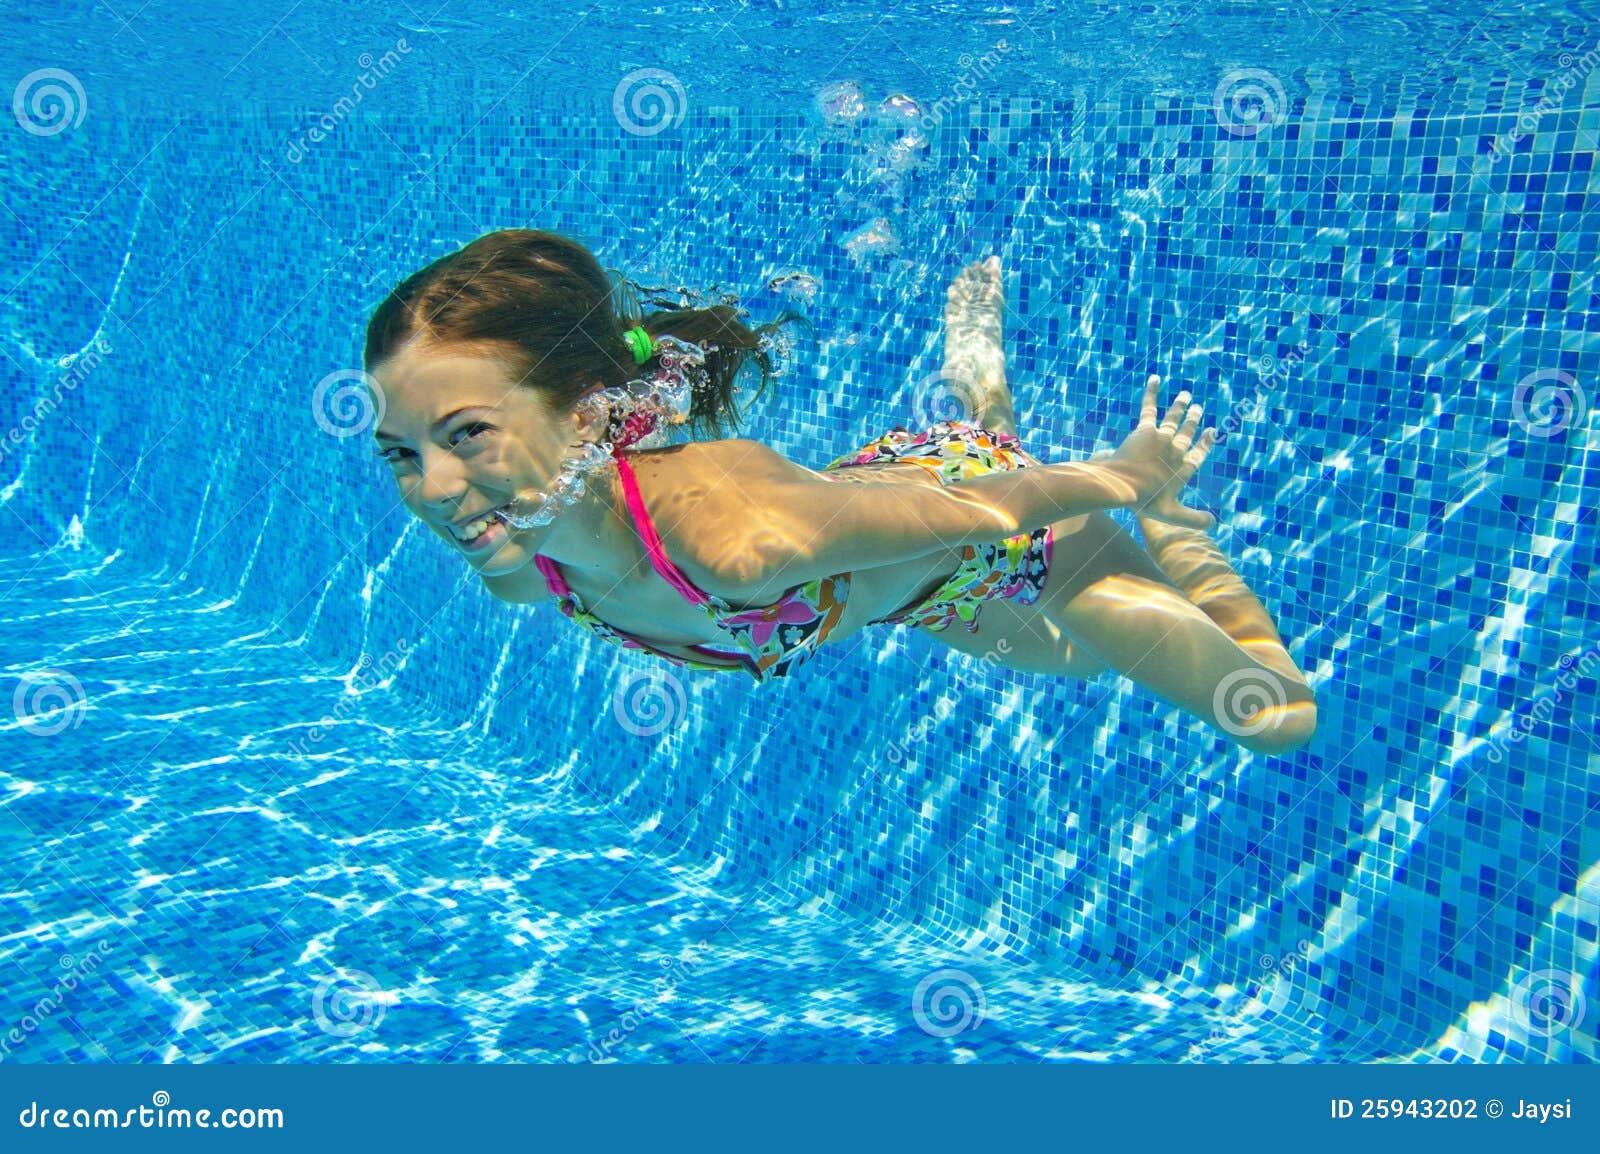 child swimming underwater -#main